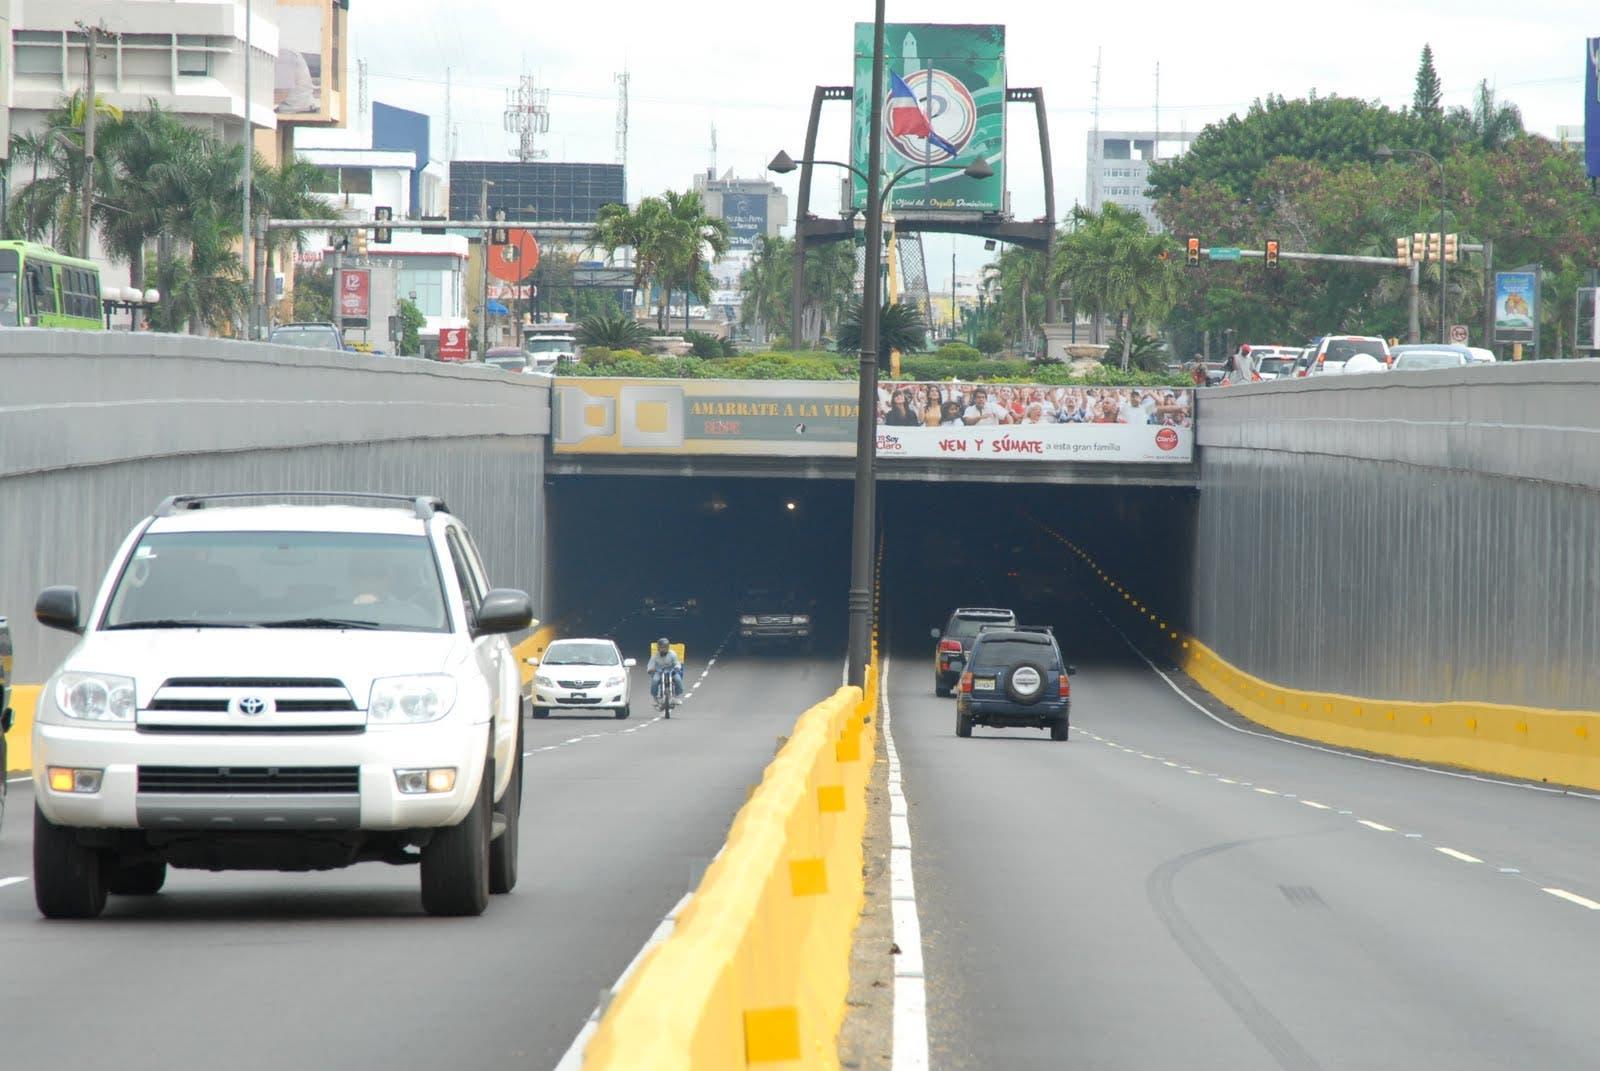 Obras Públicas cerrará a partir de hoy elevados y túneles por mantenimiento